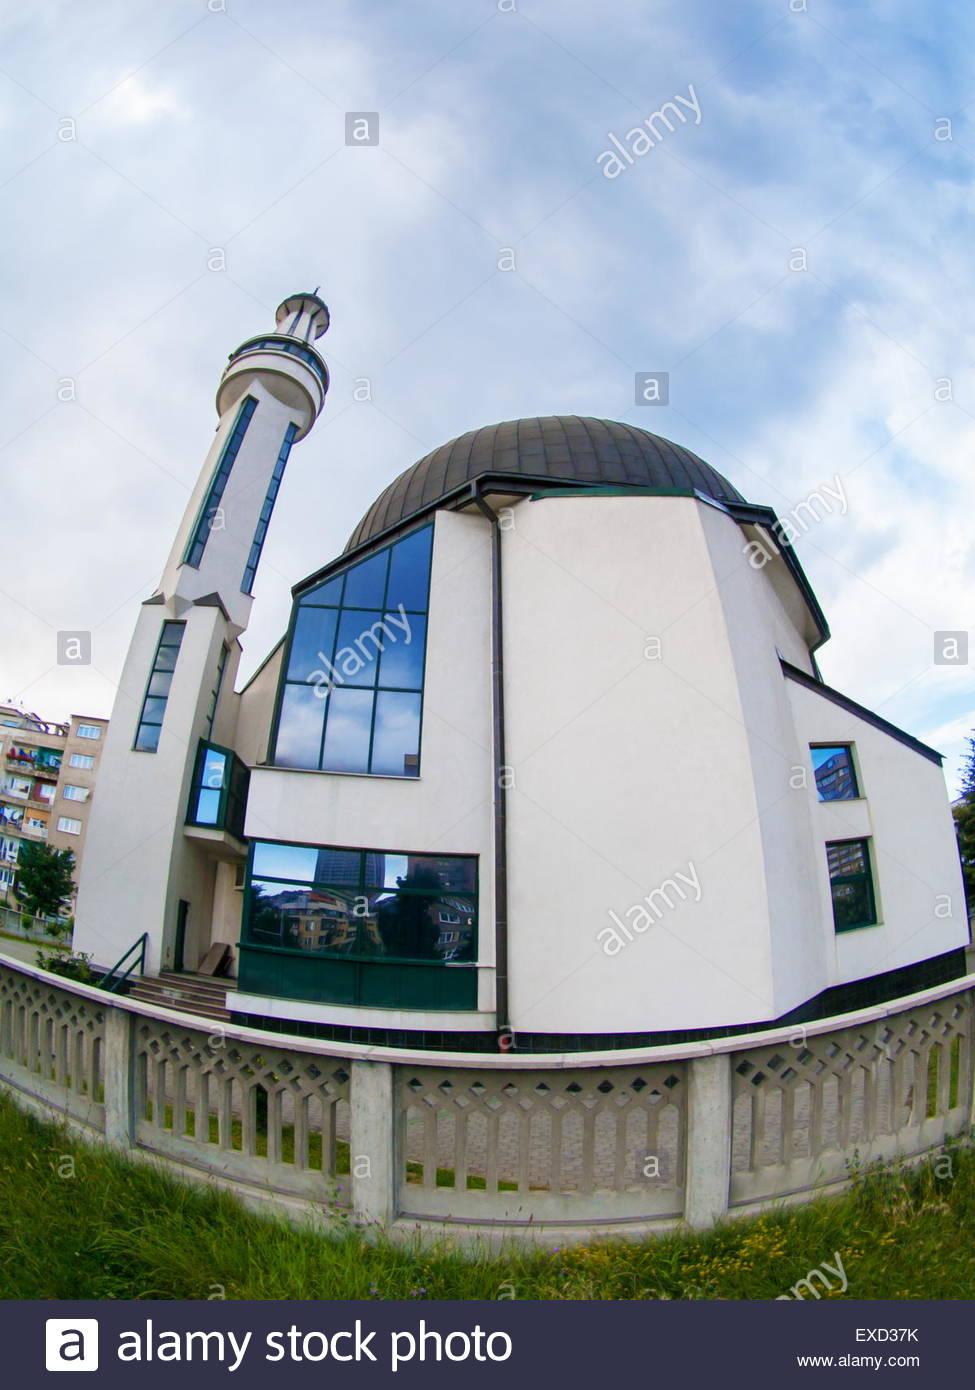 Incredibile architettura islamica moschea arte oggetto Immagini Stock